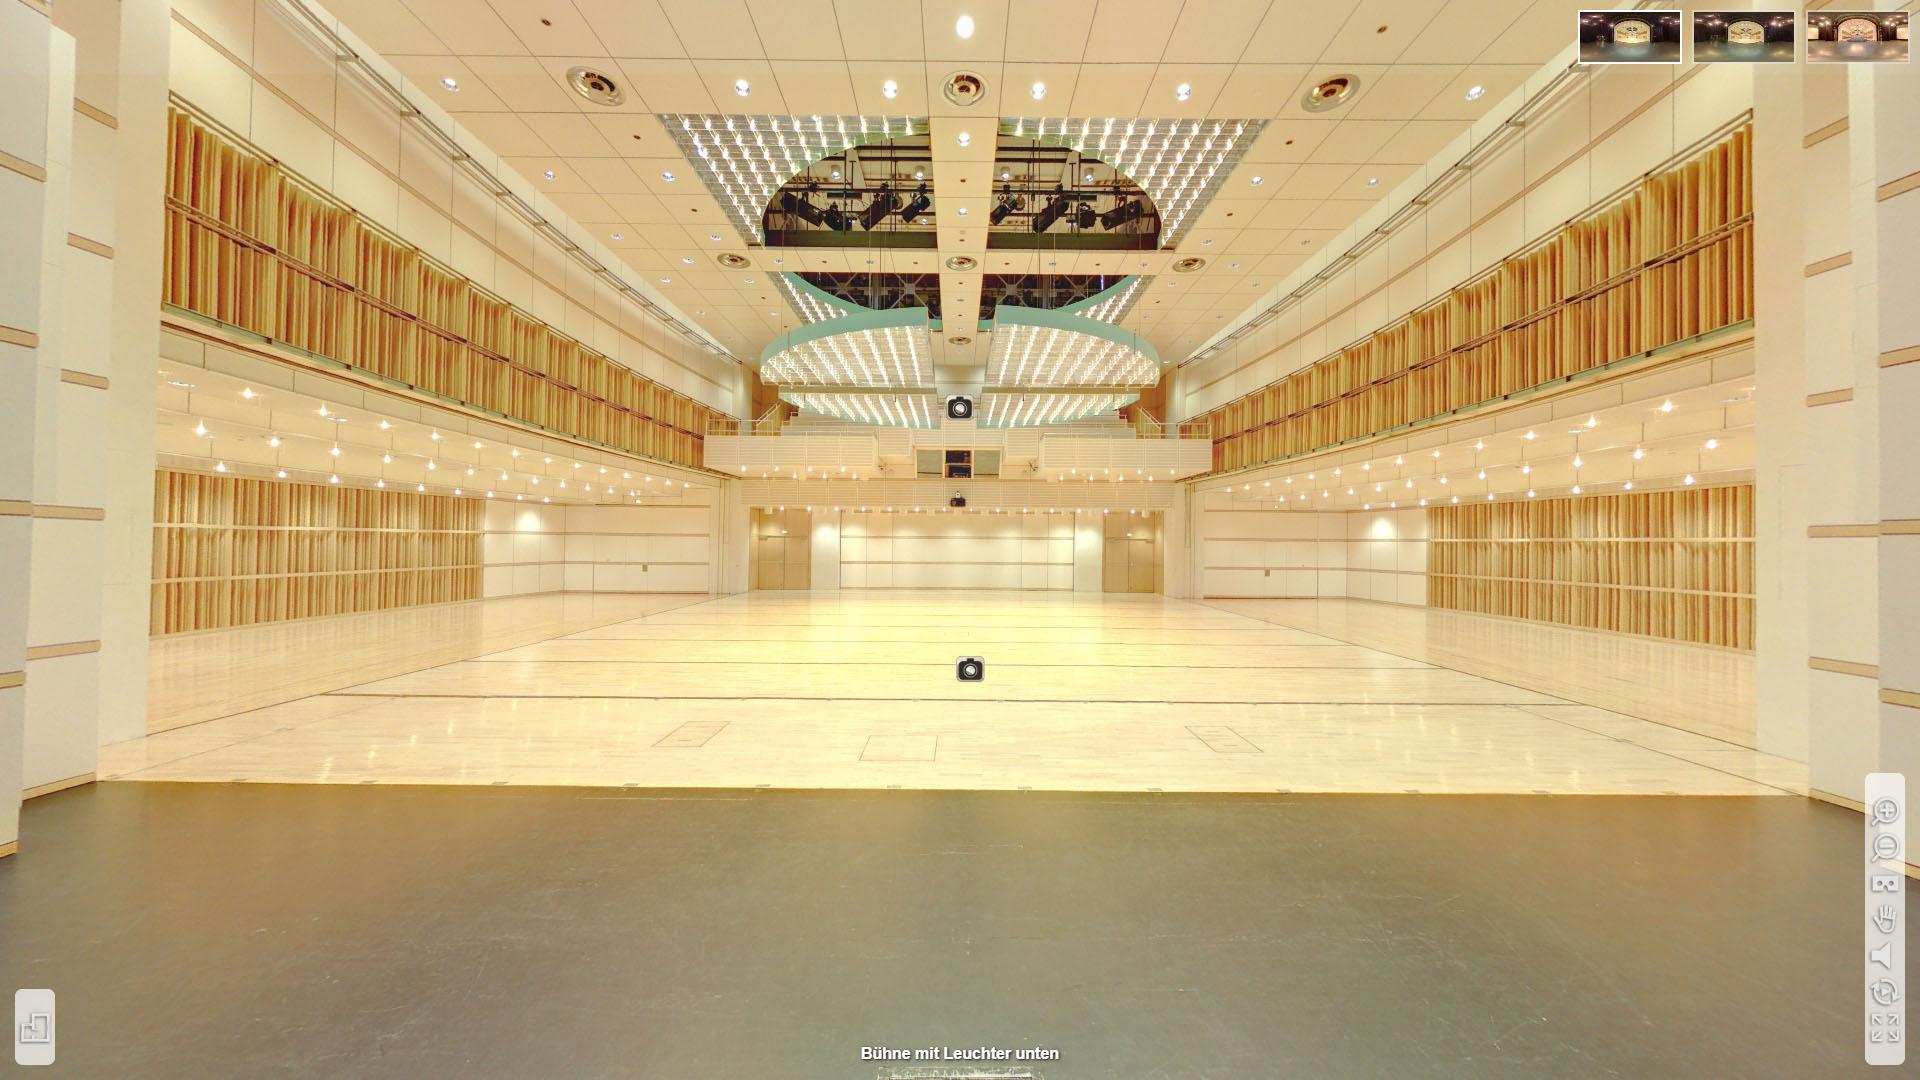 Lorzensaal Cham Buehne mit Leuchter unten